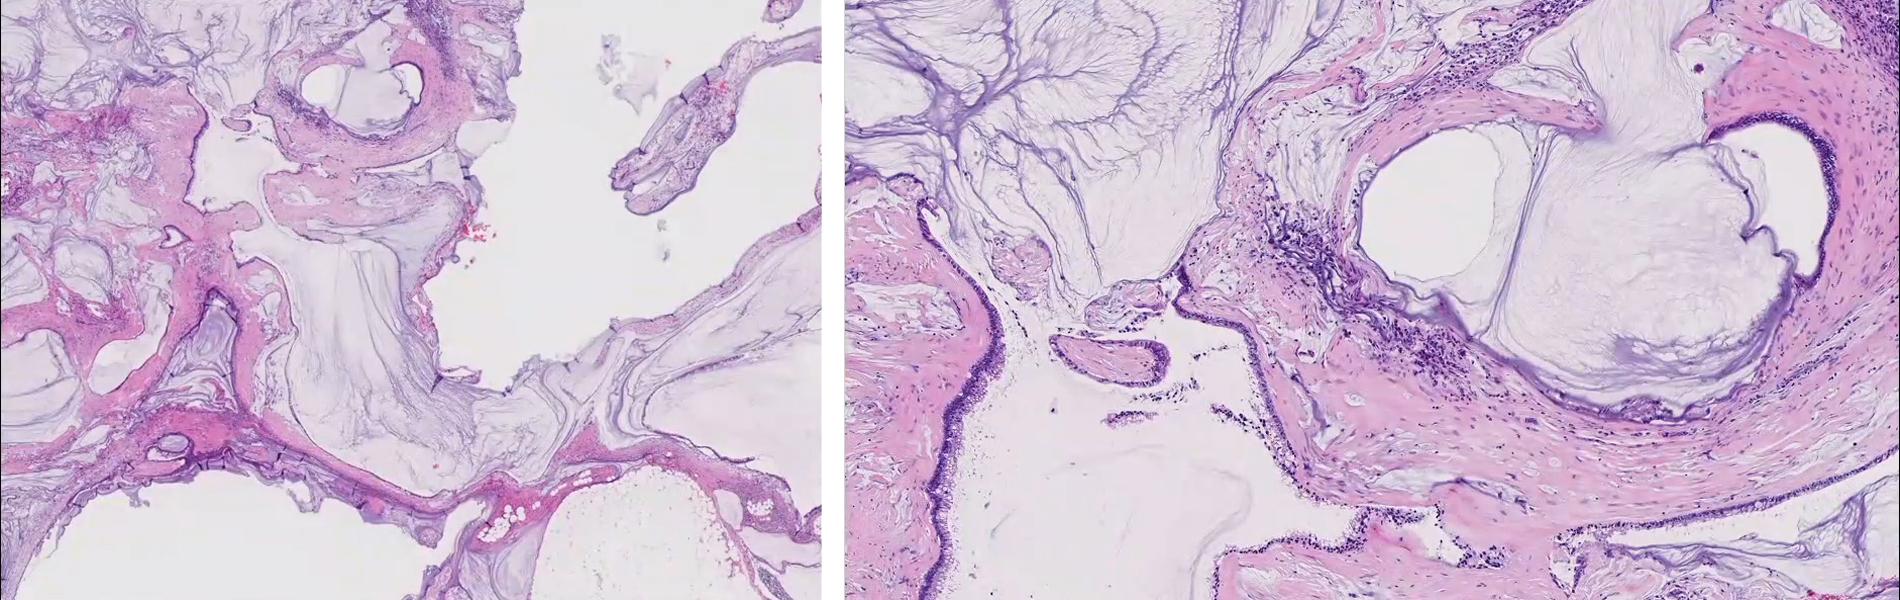 教育症例シリーズ_6 下部消化管2